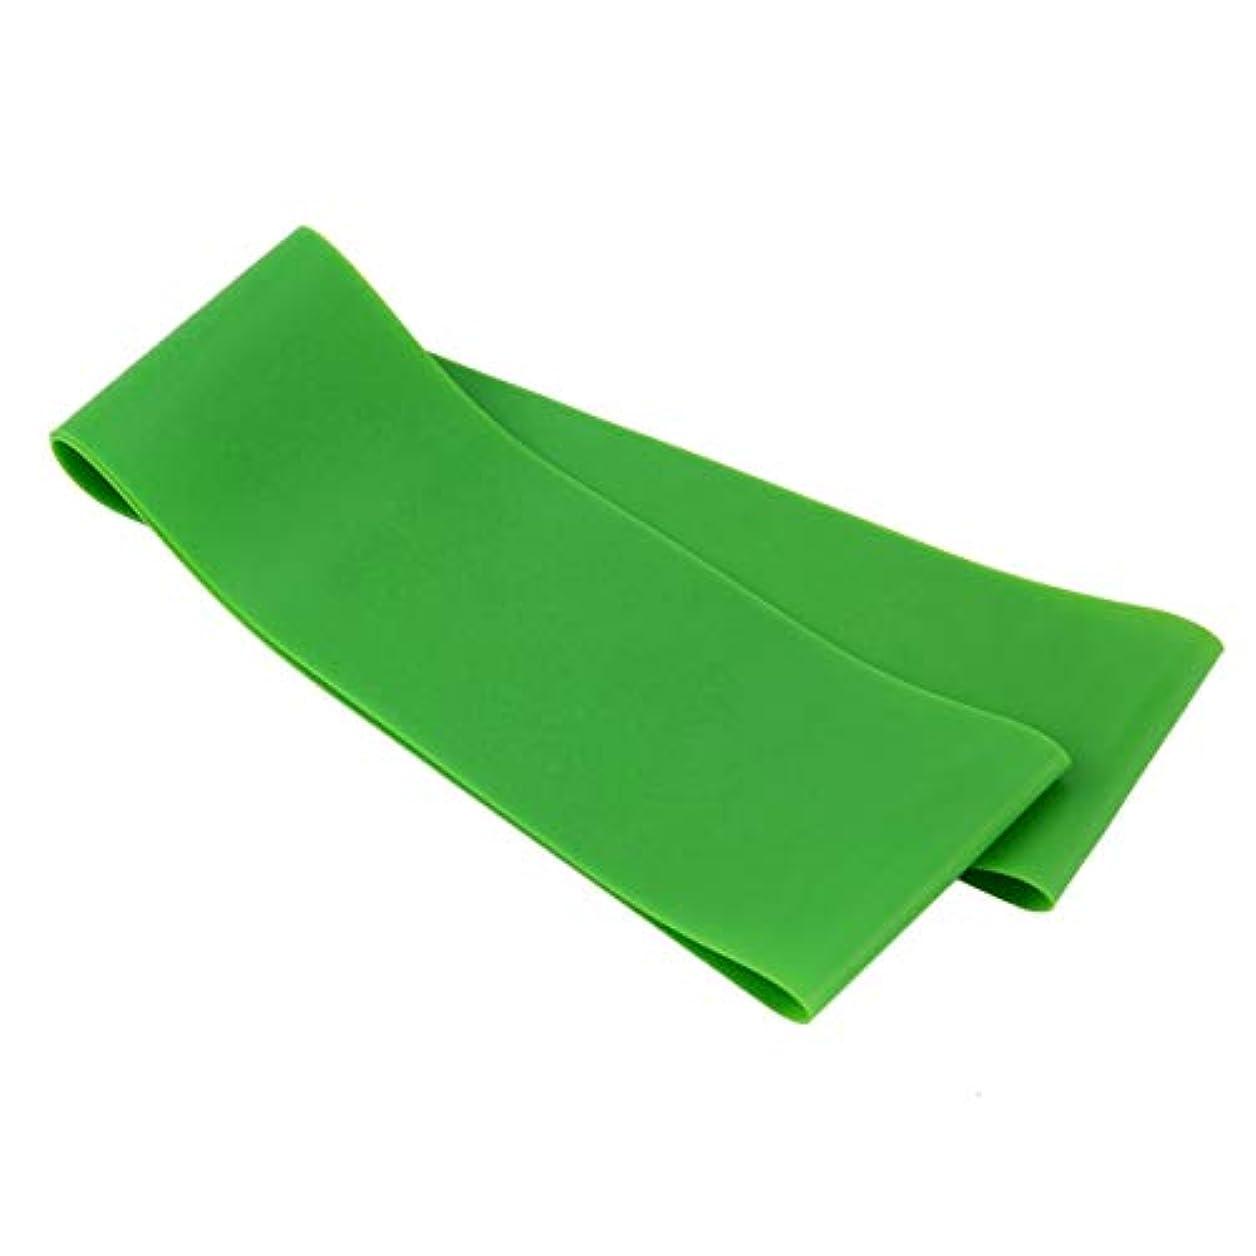 口ひげ促進する感謝している滑り止め伸縮性ゴム弾性ヨガベルトバンドプルロープ張力抵抗バンドループ強度のためのフィットネスヨガツール - グリーン